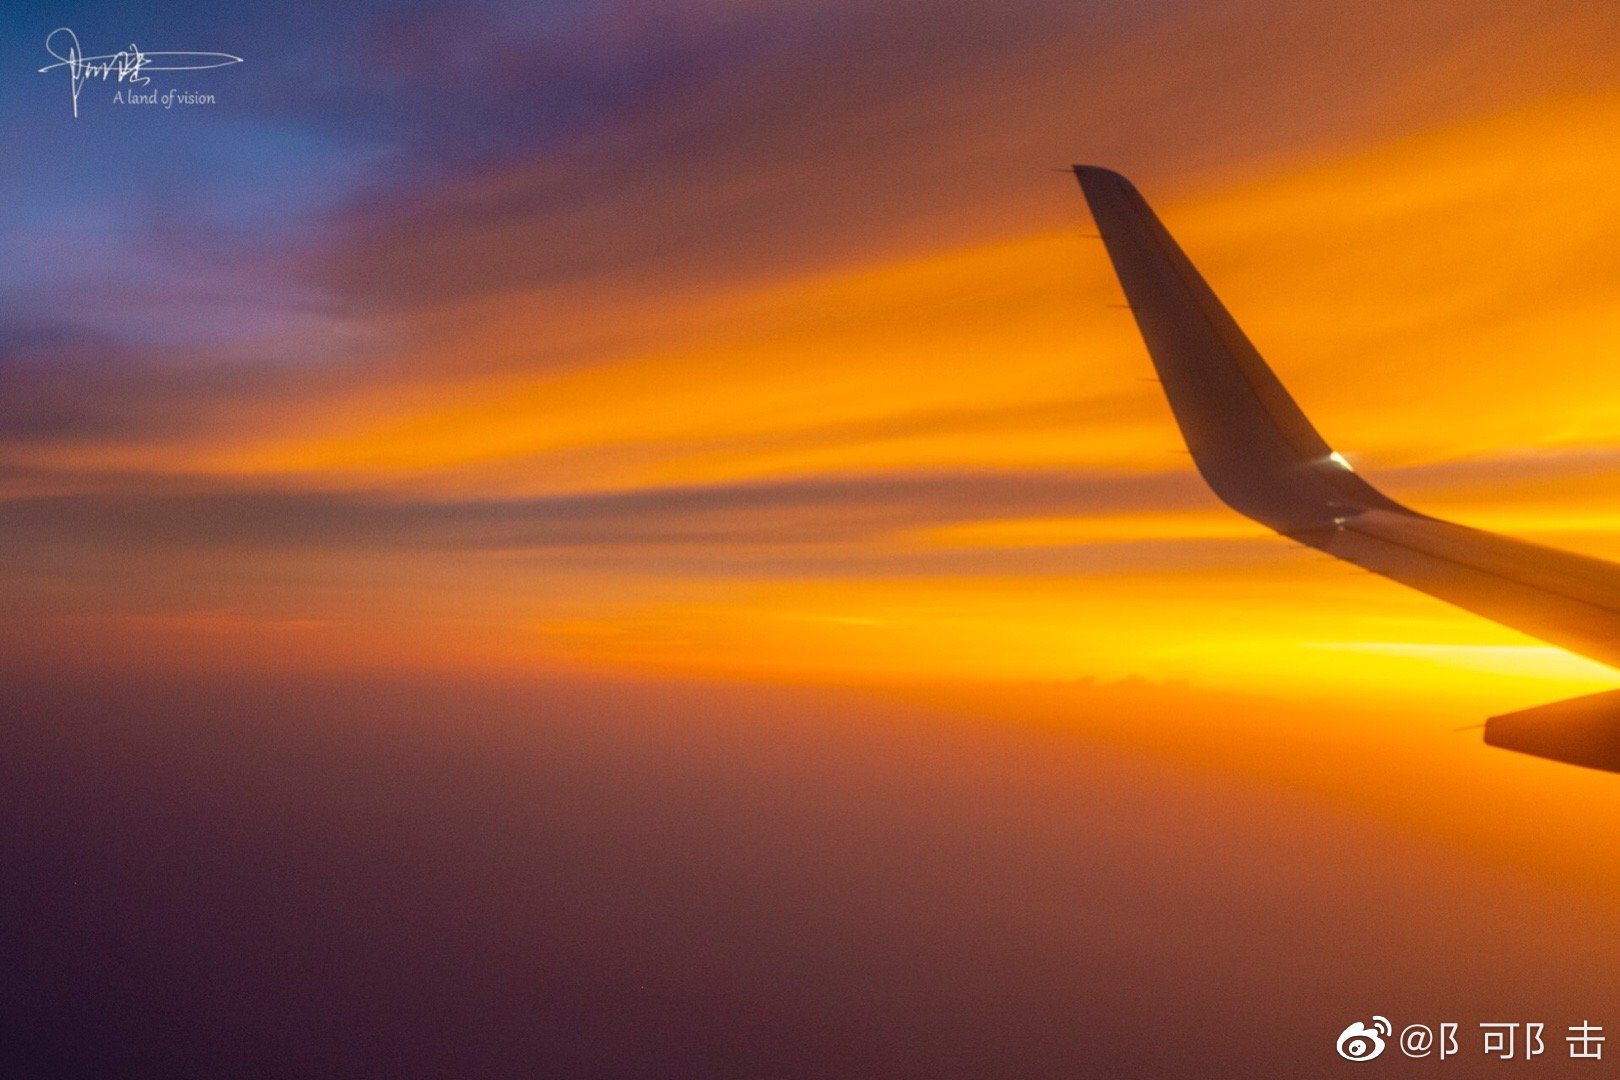 天空就要在天上拍,飞机外的色彩鲜明,才是它本该的美好。